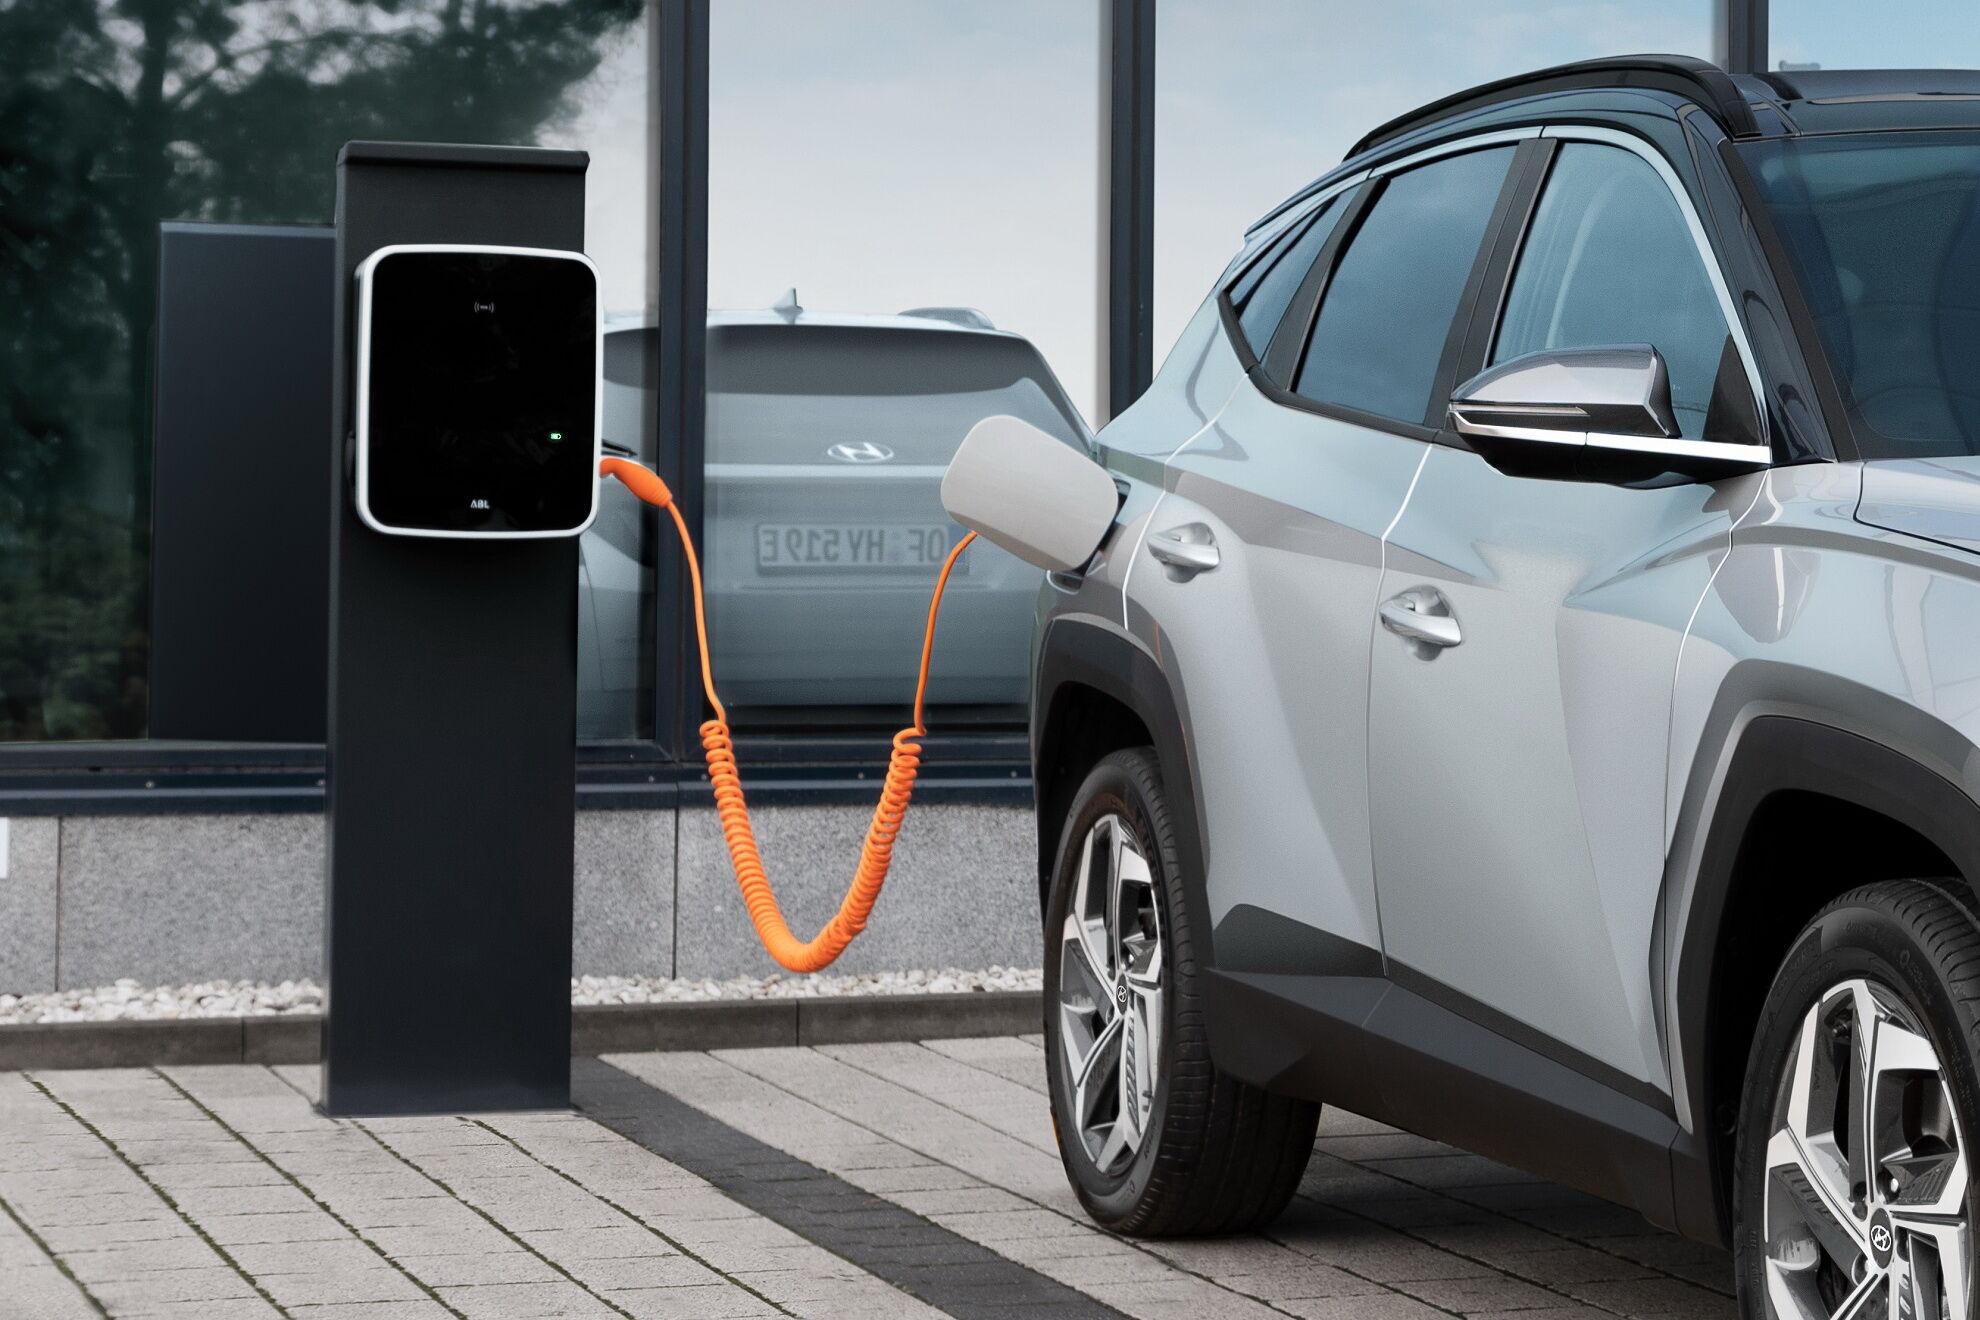 Встроенная зарядка на 7,2 кВт позволяет пополнять энергией батарею как на стационарных станциях, так и в домашних условиях